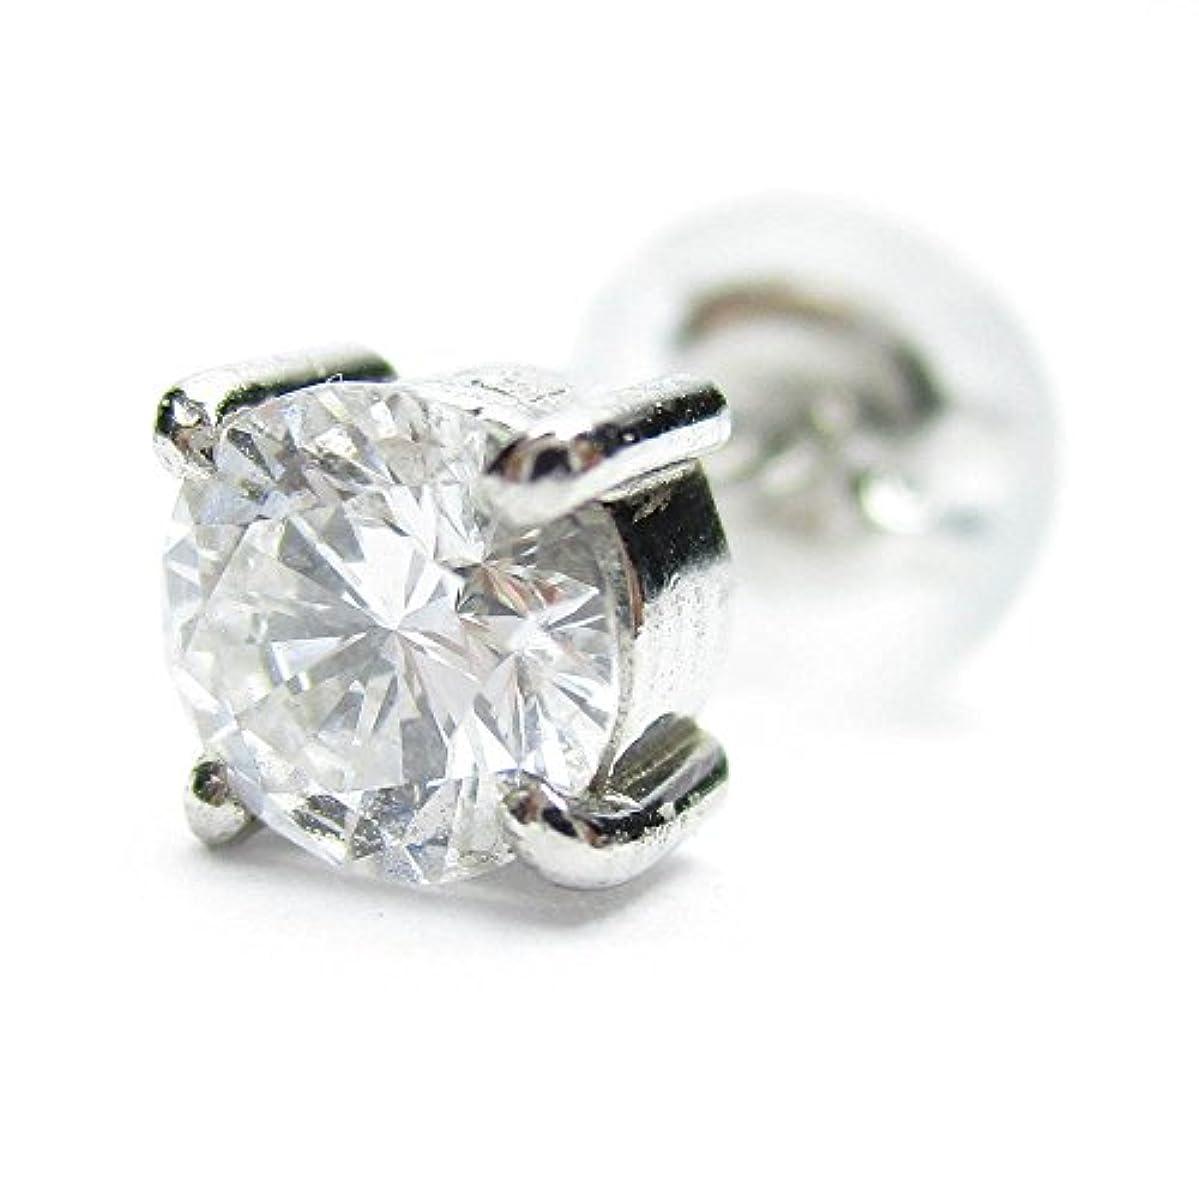 麻痺させる簡略化するミシン5-1407-02022 KDI ◆ Pt900 プラチナ ダイヤモンド 片耳 ピアス